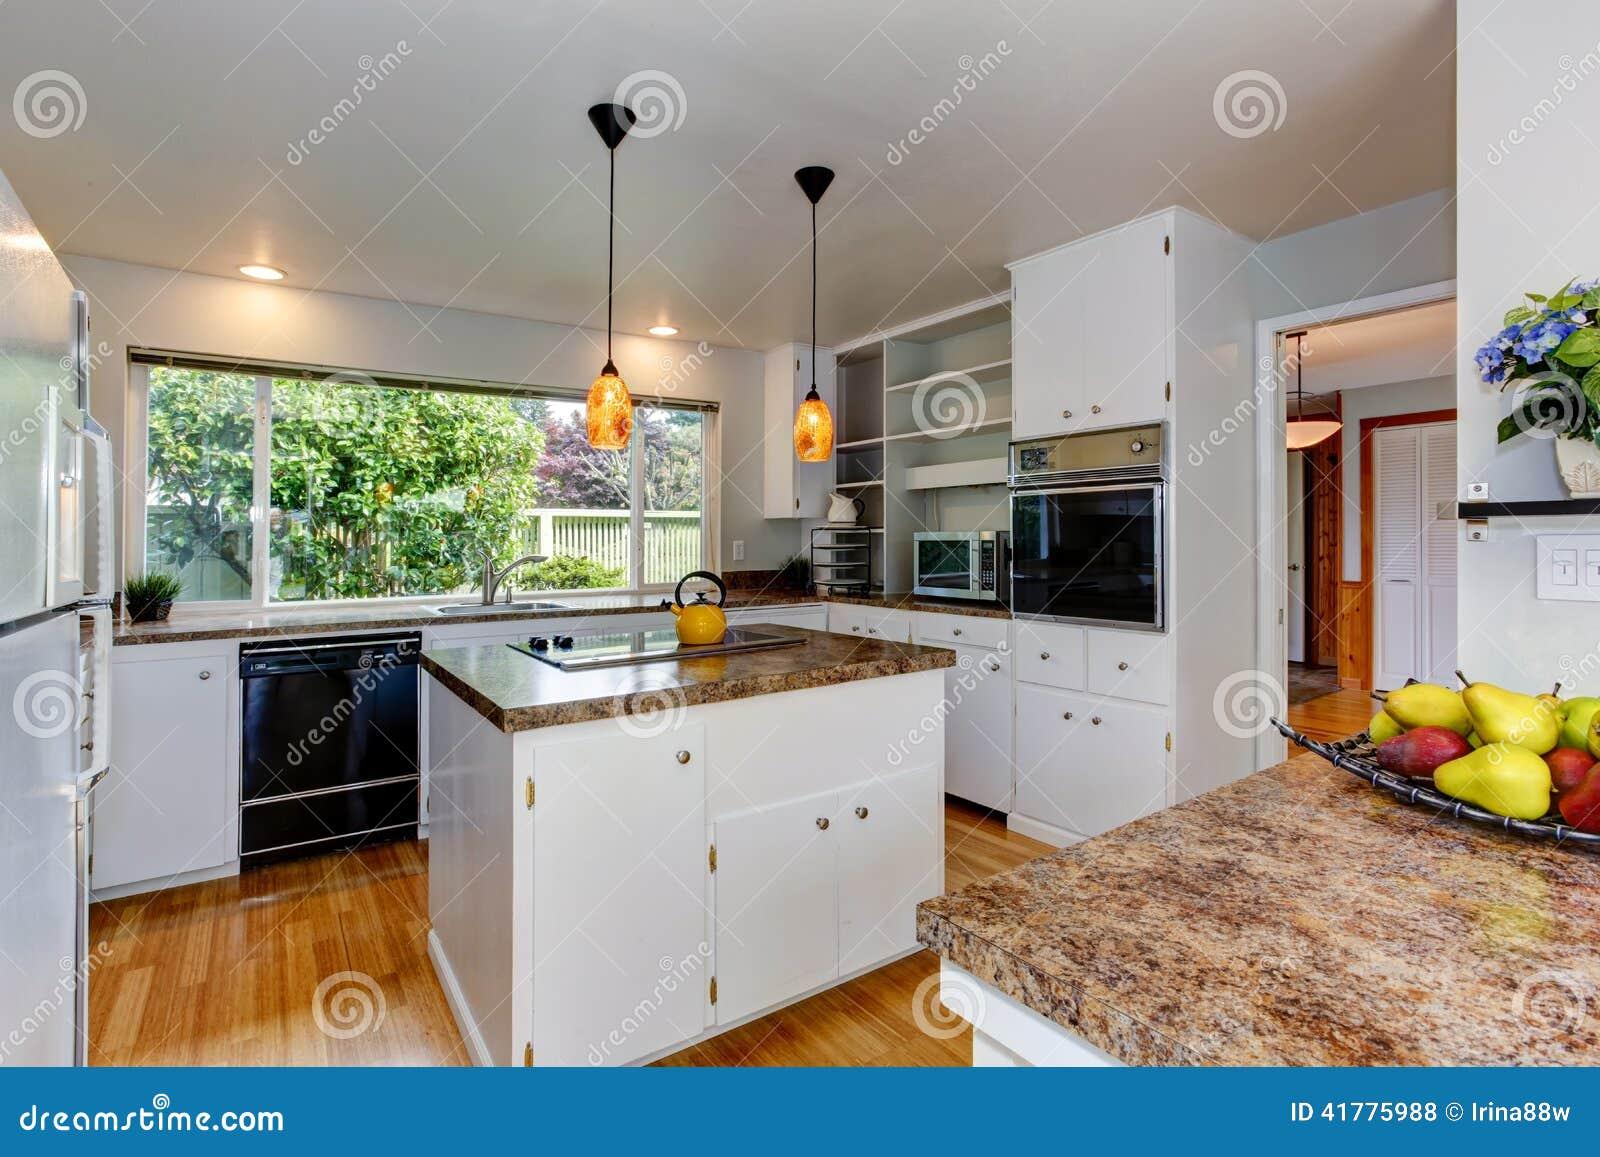 Sala Da Cozinha Com Janela Foto De Stock Imagem De Americano 41775988